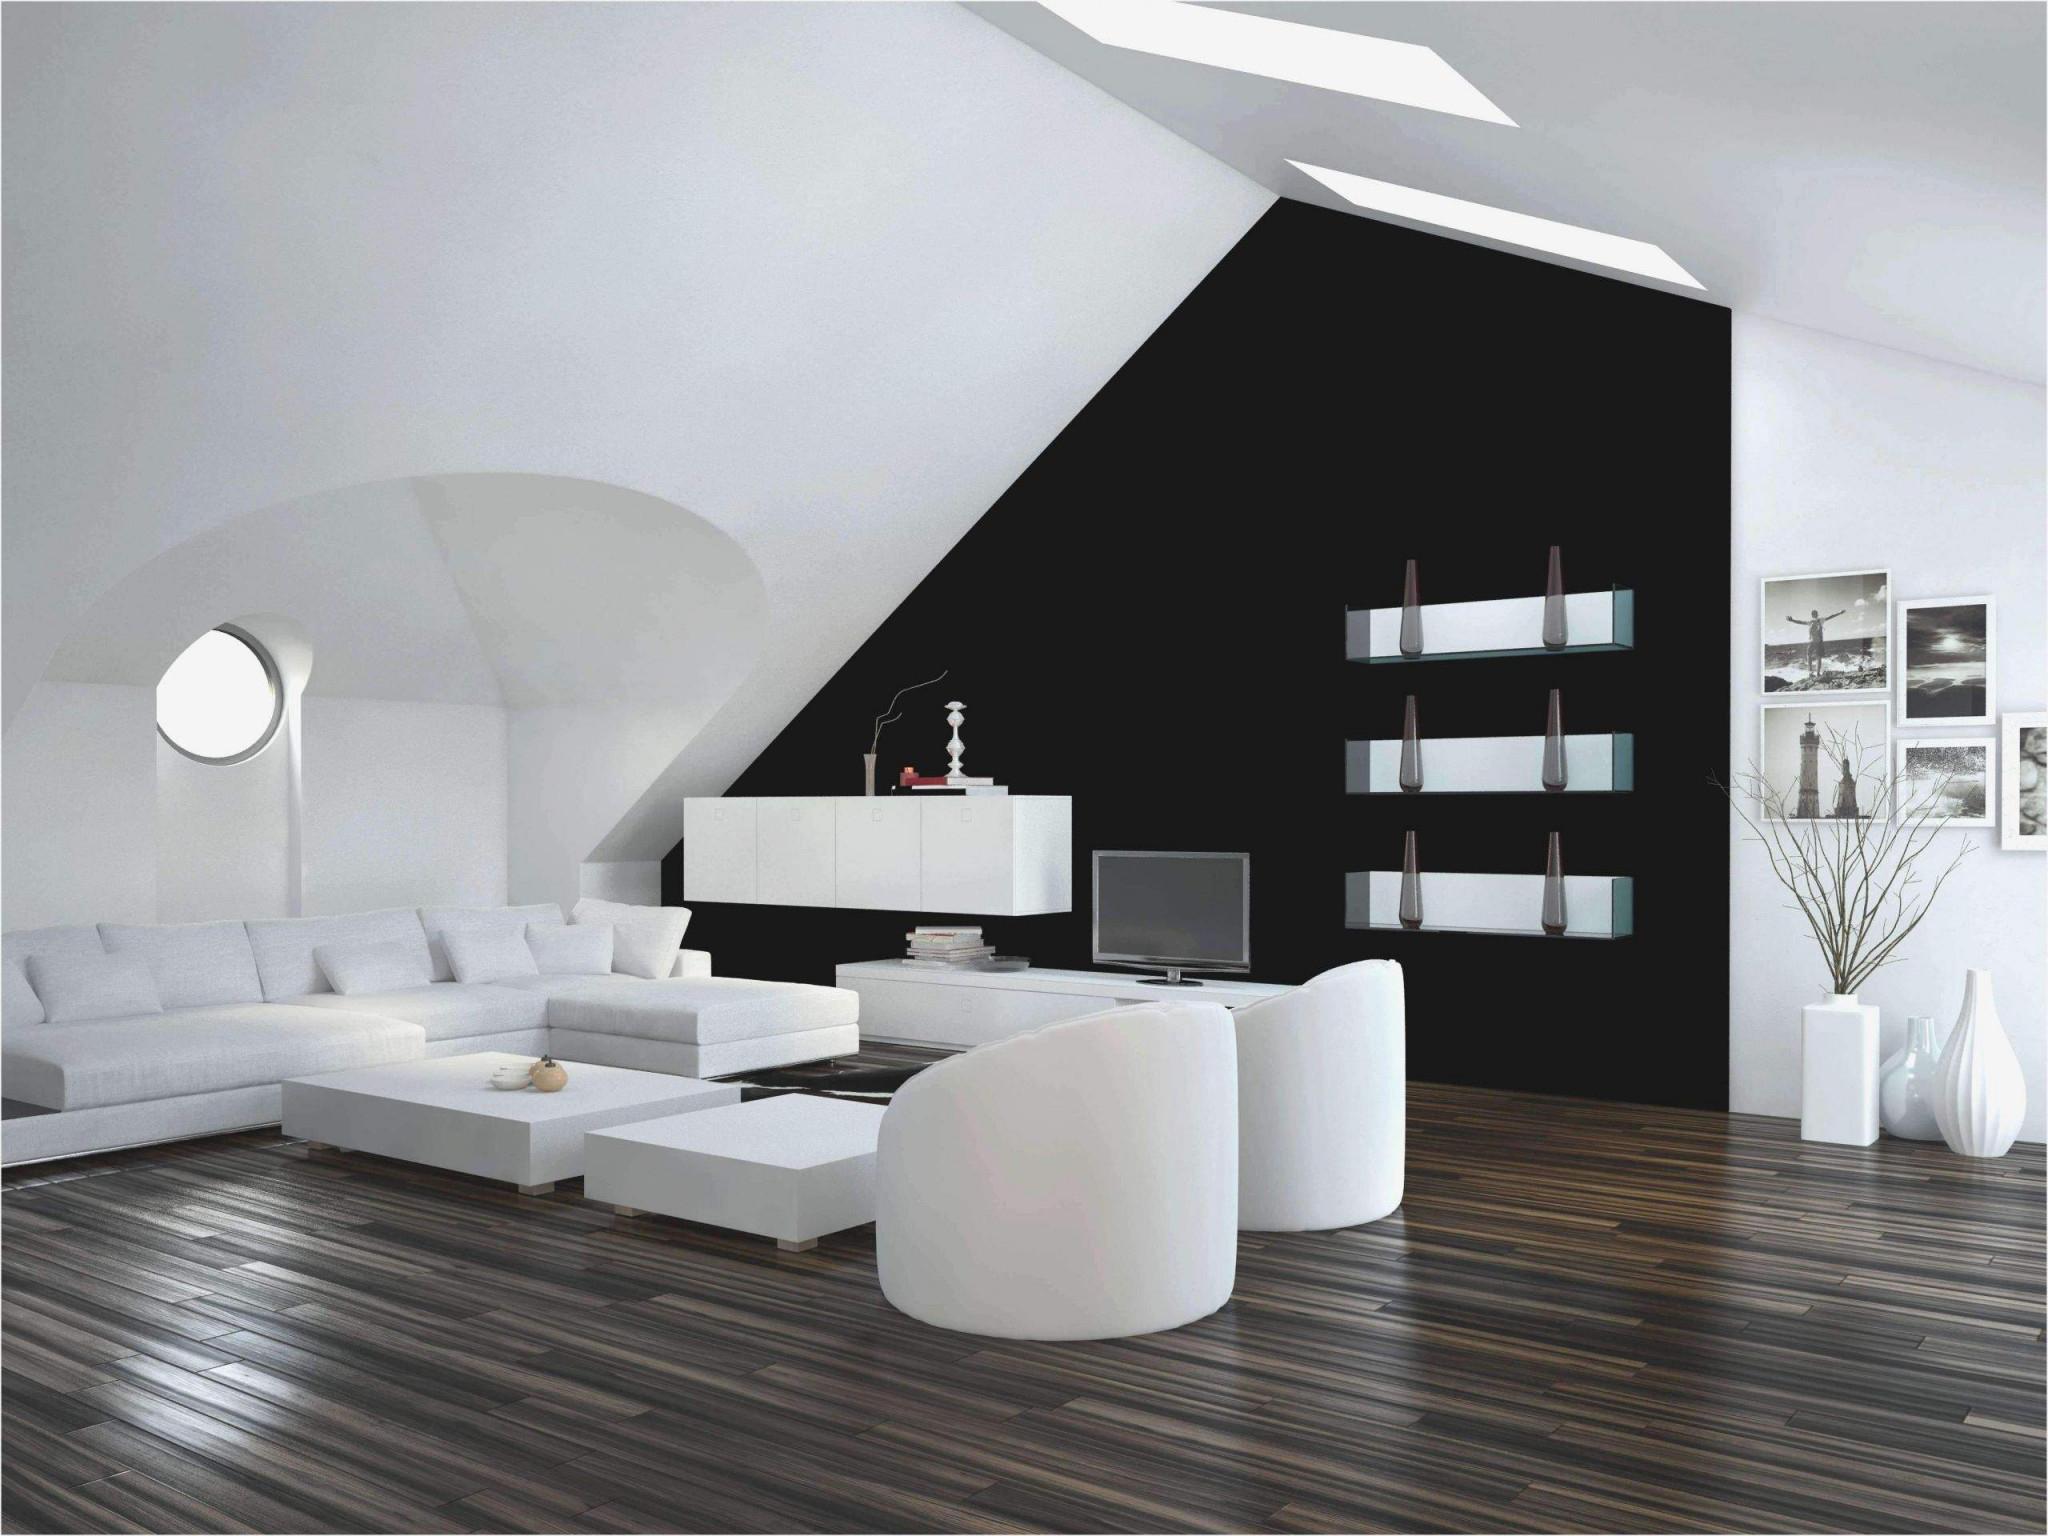 Wohnzimmer Deko Online Shop Luxus Wohnzimmer Deko Ideen Rot von Wohnzimmer Deko Rot Bild